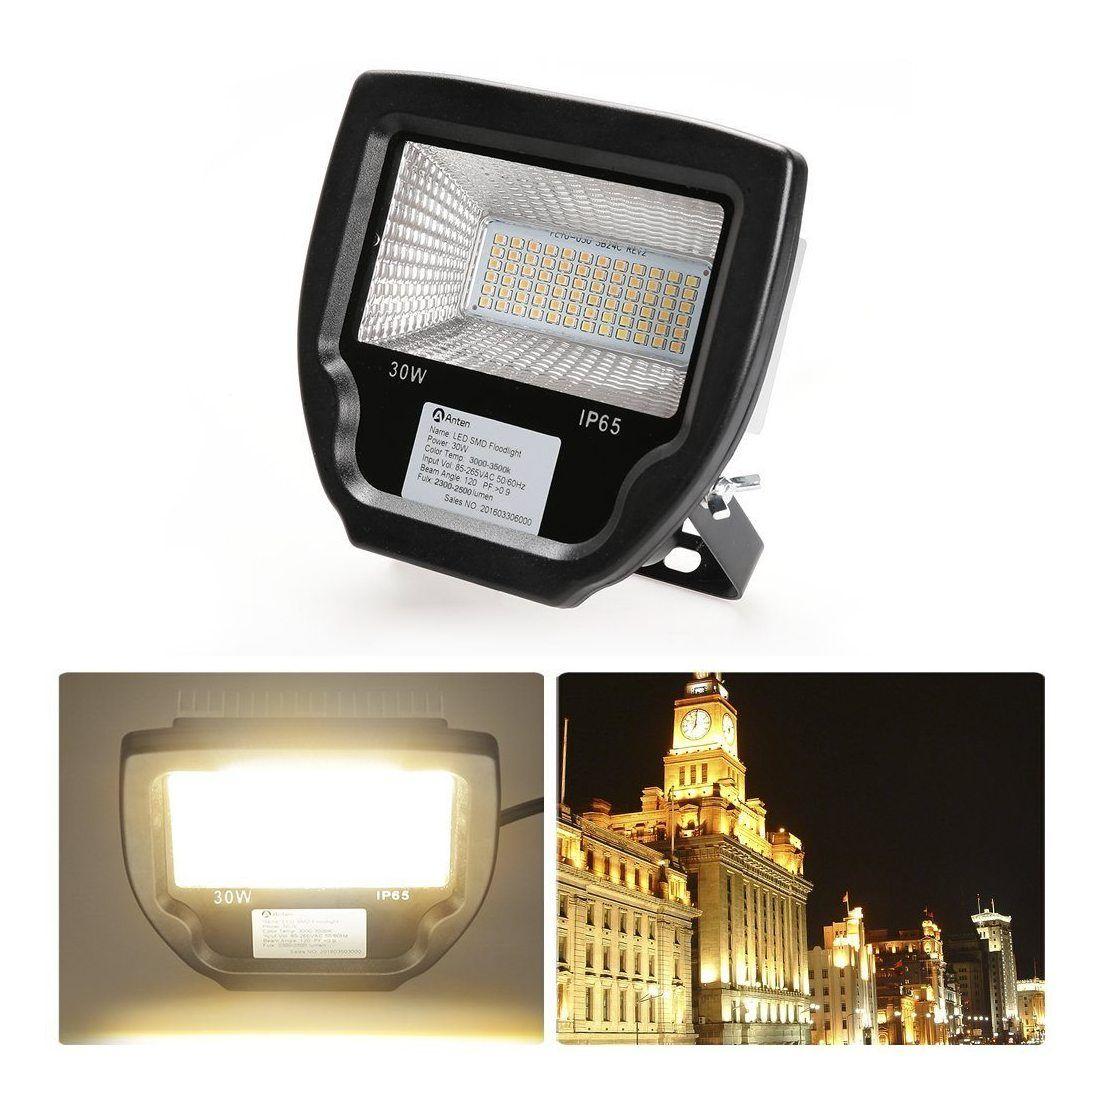 Anten® Haute Qualité 30W 2400Lumen LED SMD Projecteur Éclairage Extérieur et Intérieur 72P 2835SMD Blanc Chaud 2800-3200K IP6